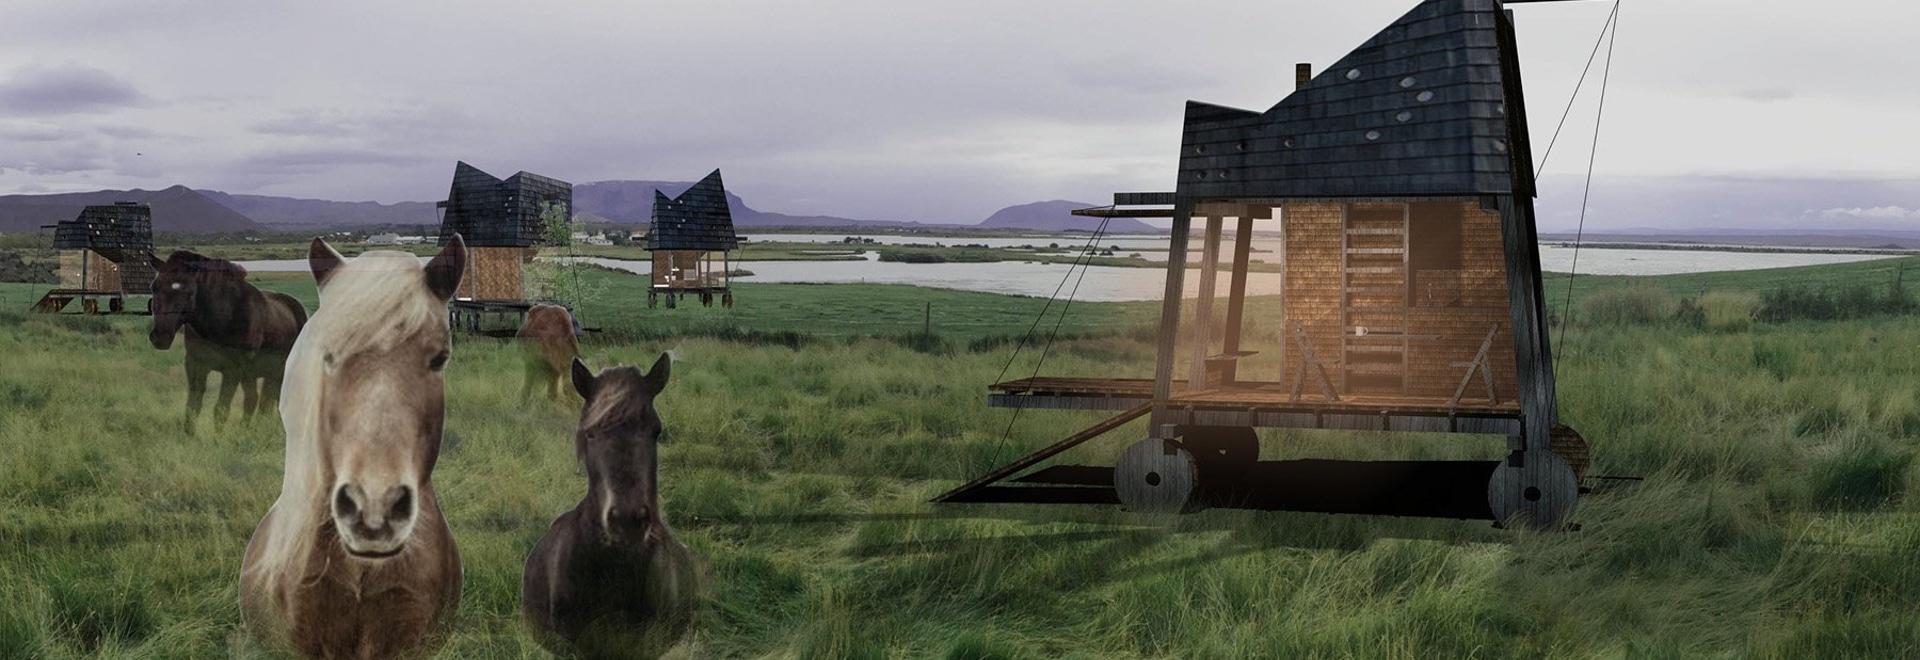 gegenüberliegendes Büro entwirft bewegliche Häuser, damit Touristen Nordlichter in Island beobachten